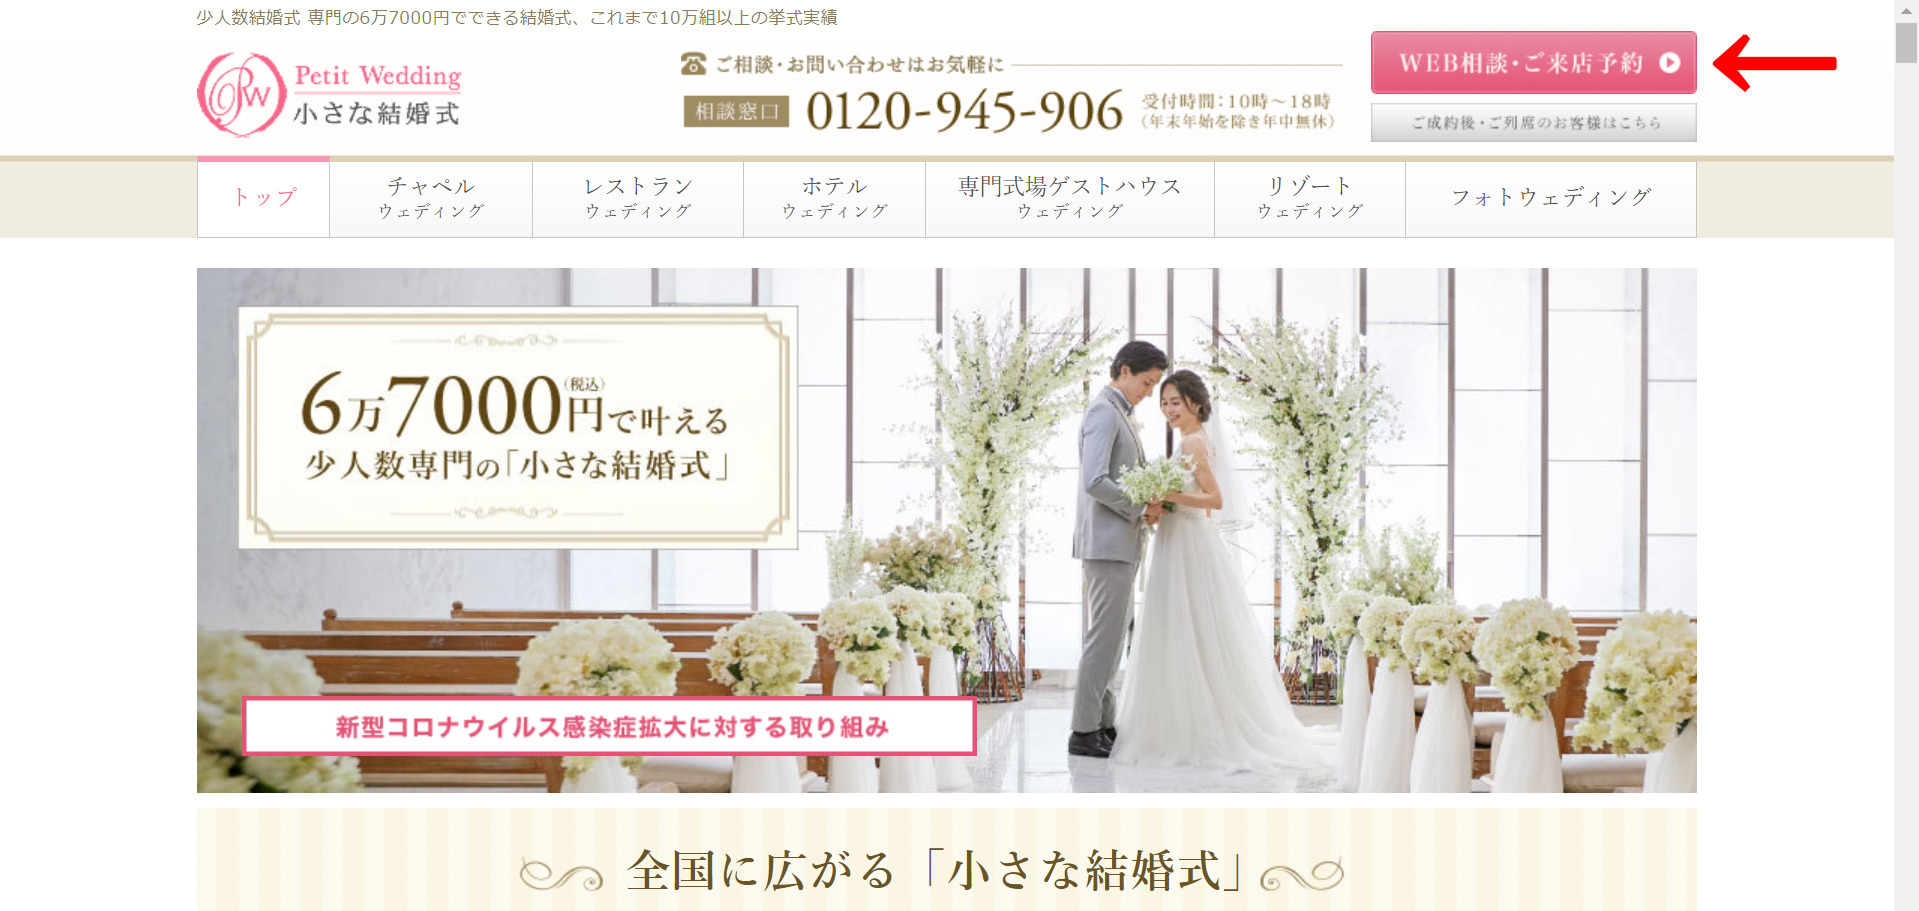 小さな結婚式 申し込み方法